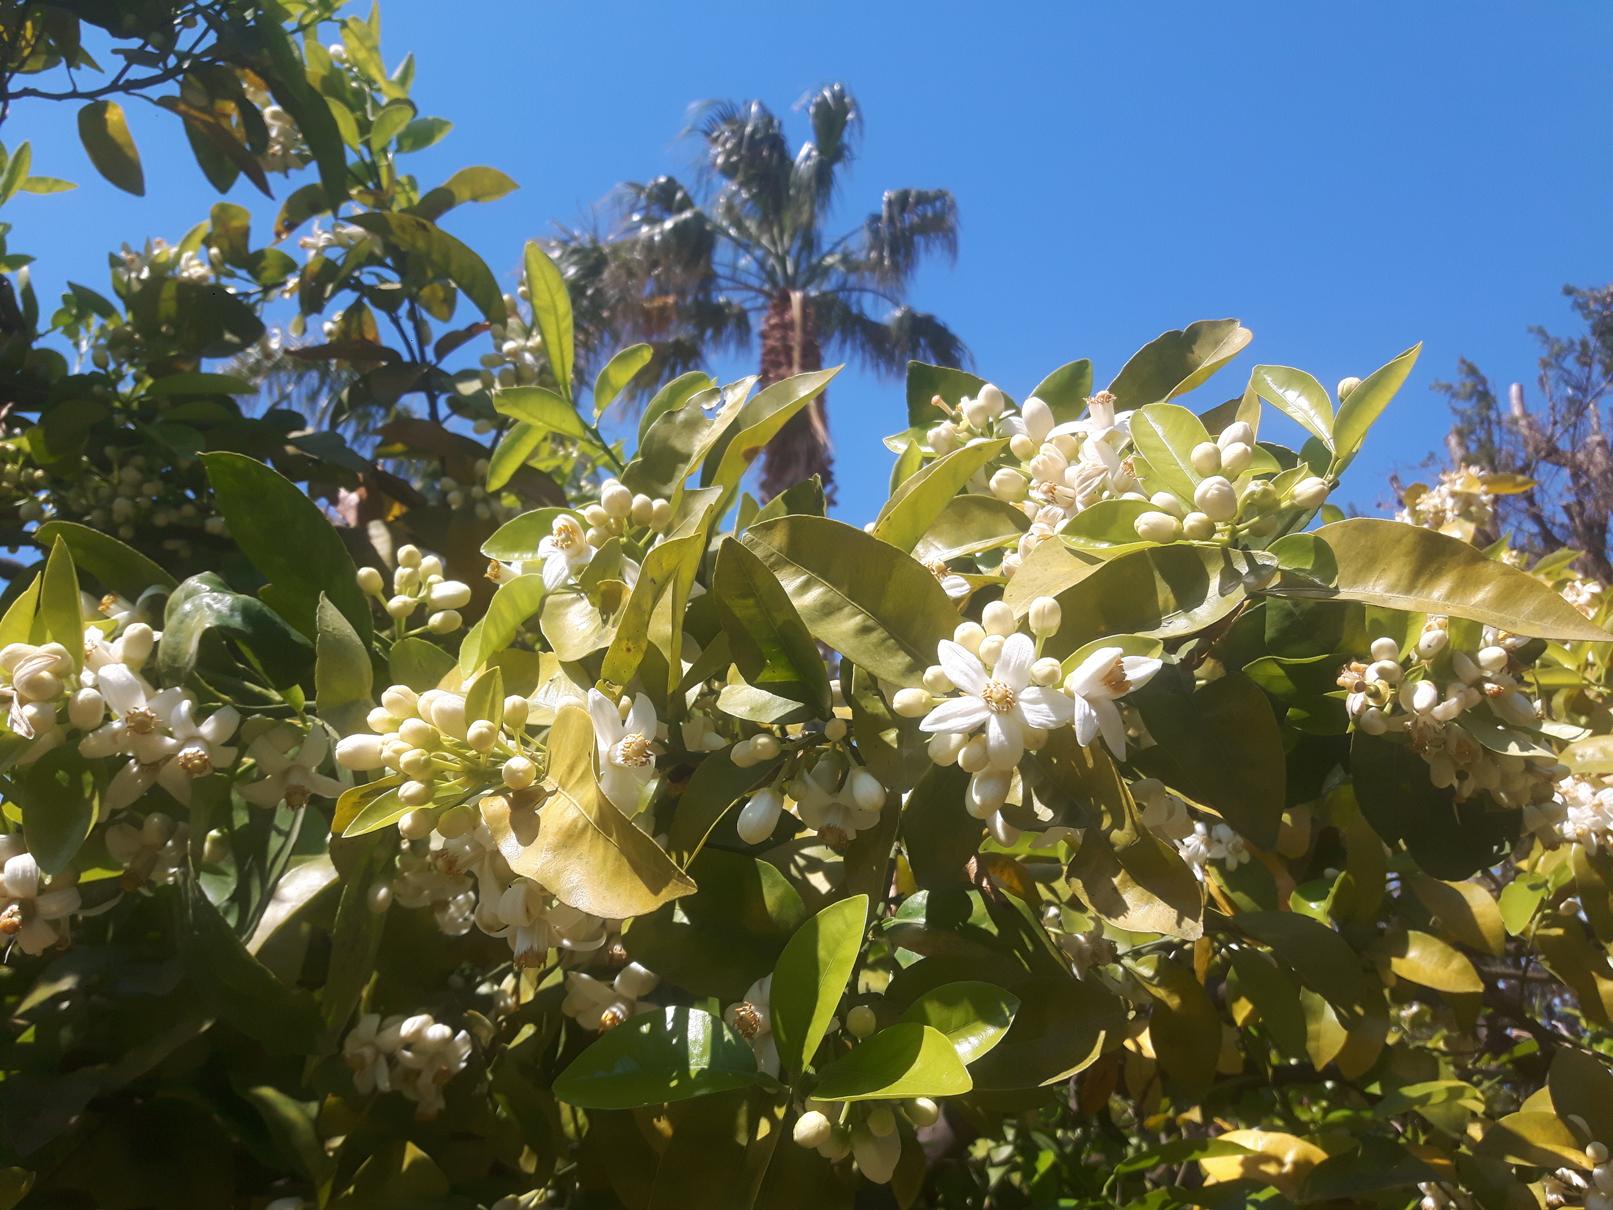 Overal de onweerstaanbare geur van oranjebloesem van de sinaasappelboom